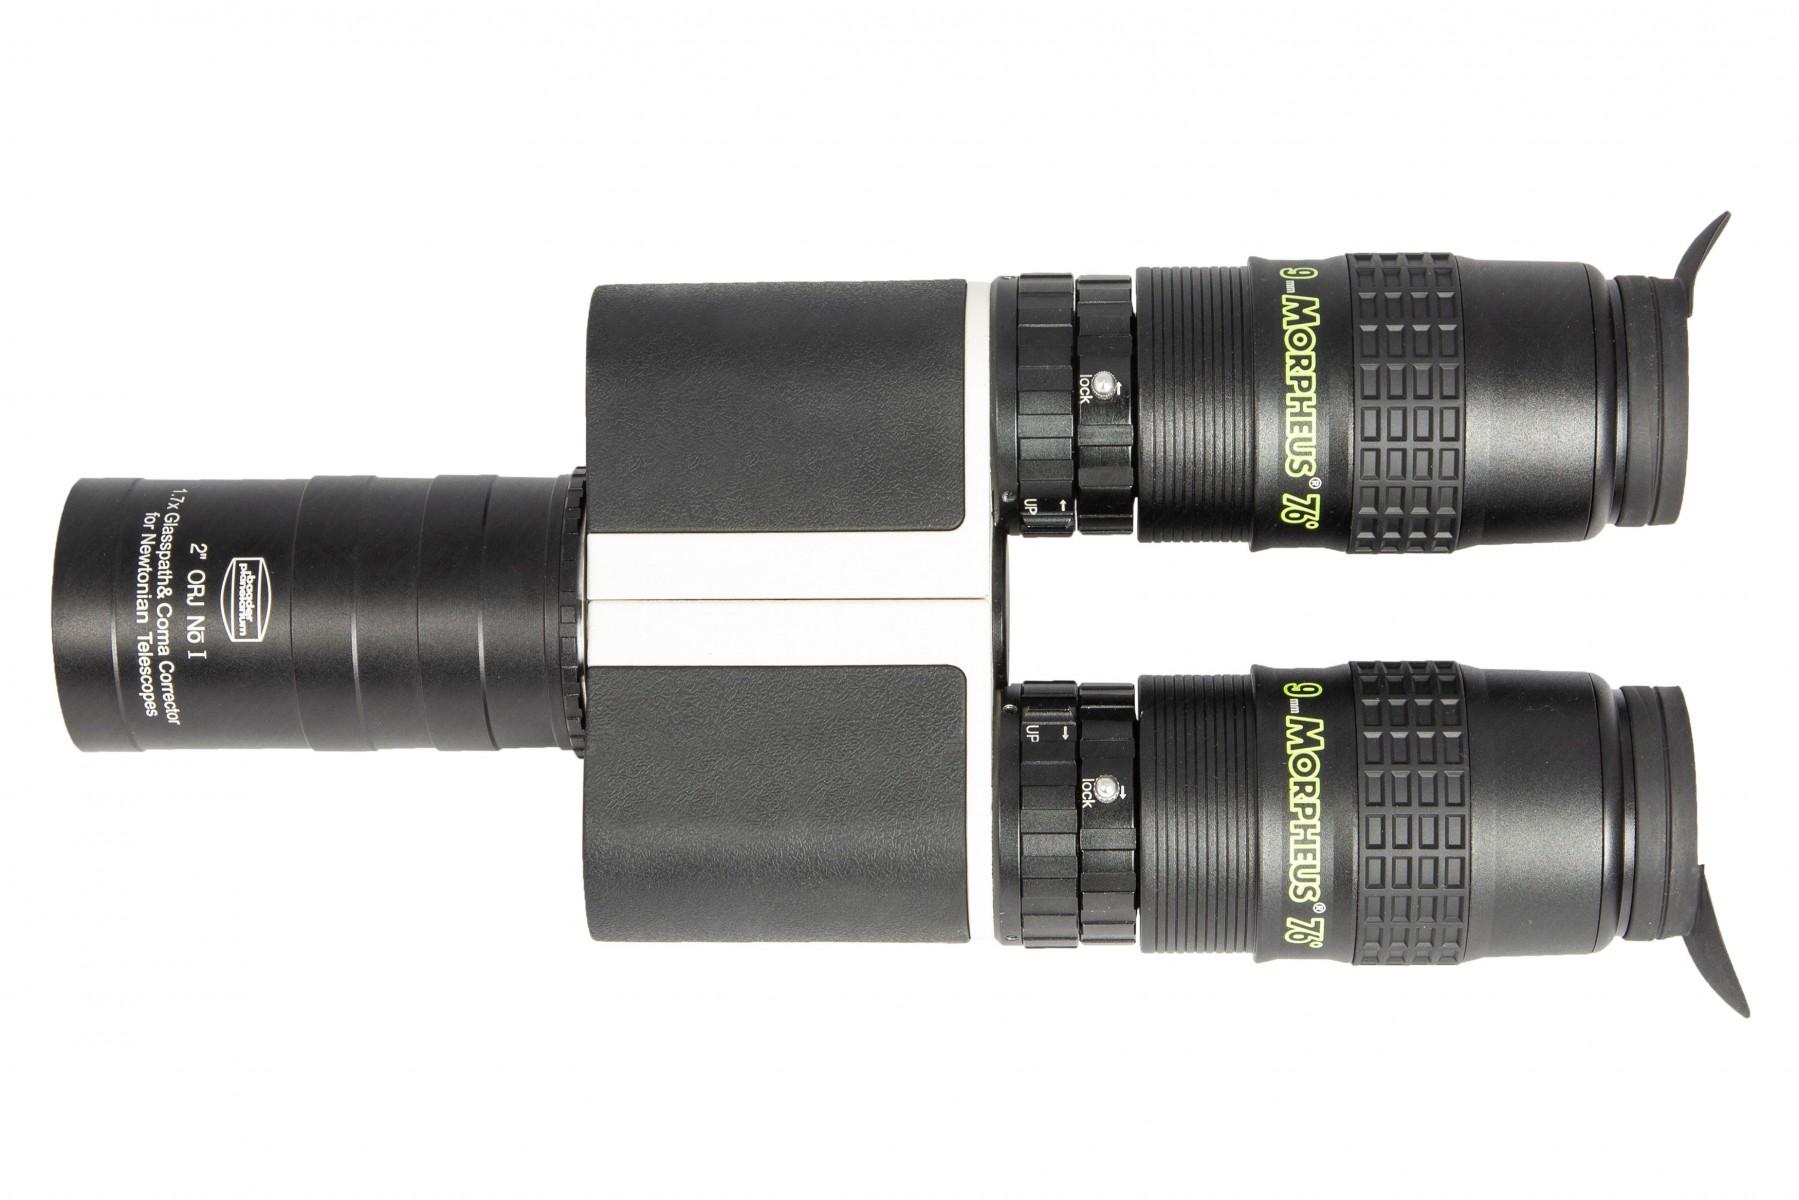 """Anwendungsbild: MaxBright II Binokular mit 2"""" Newton Glaswegkorrektor 1.7x (Front-Öffnung 46 mm) und 9mm Morpheus Okularen"""